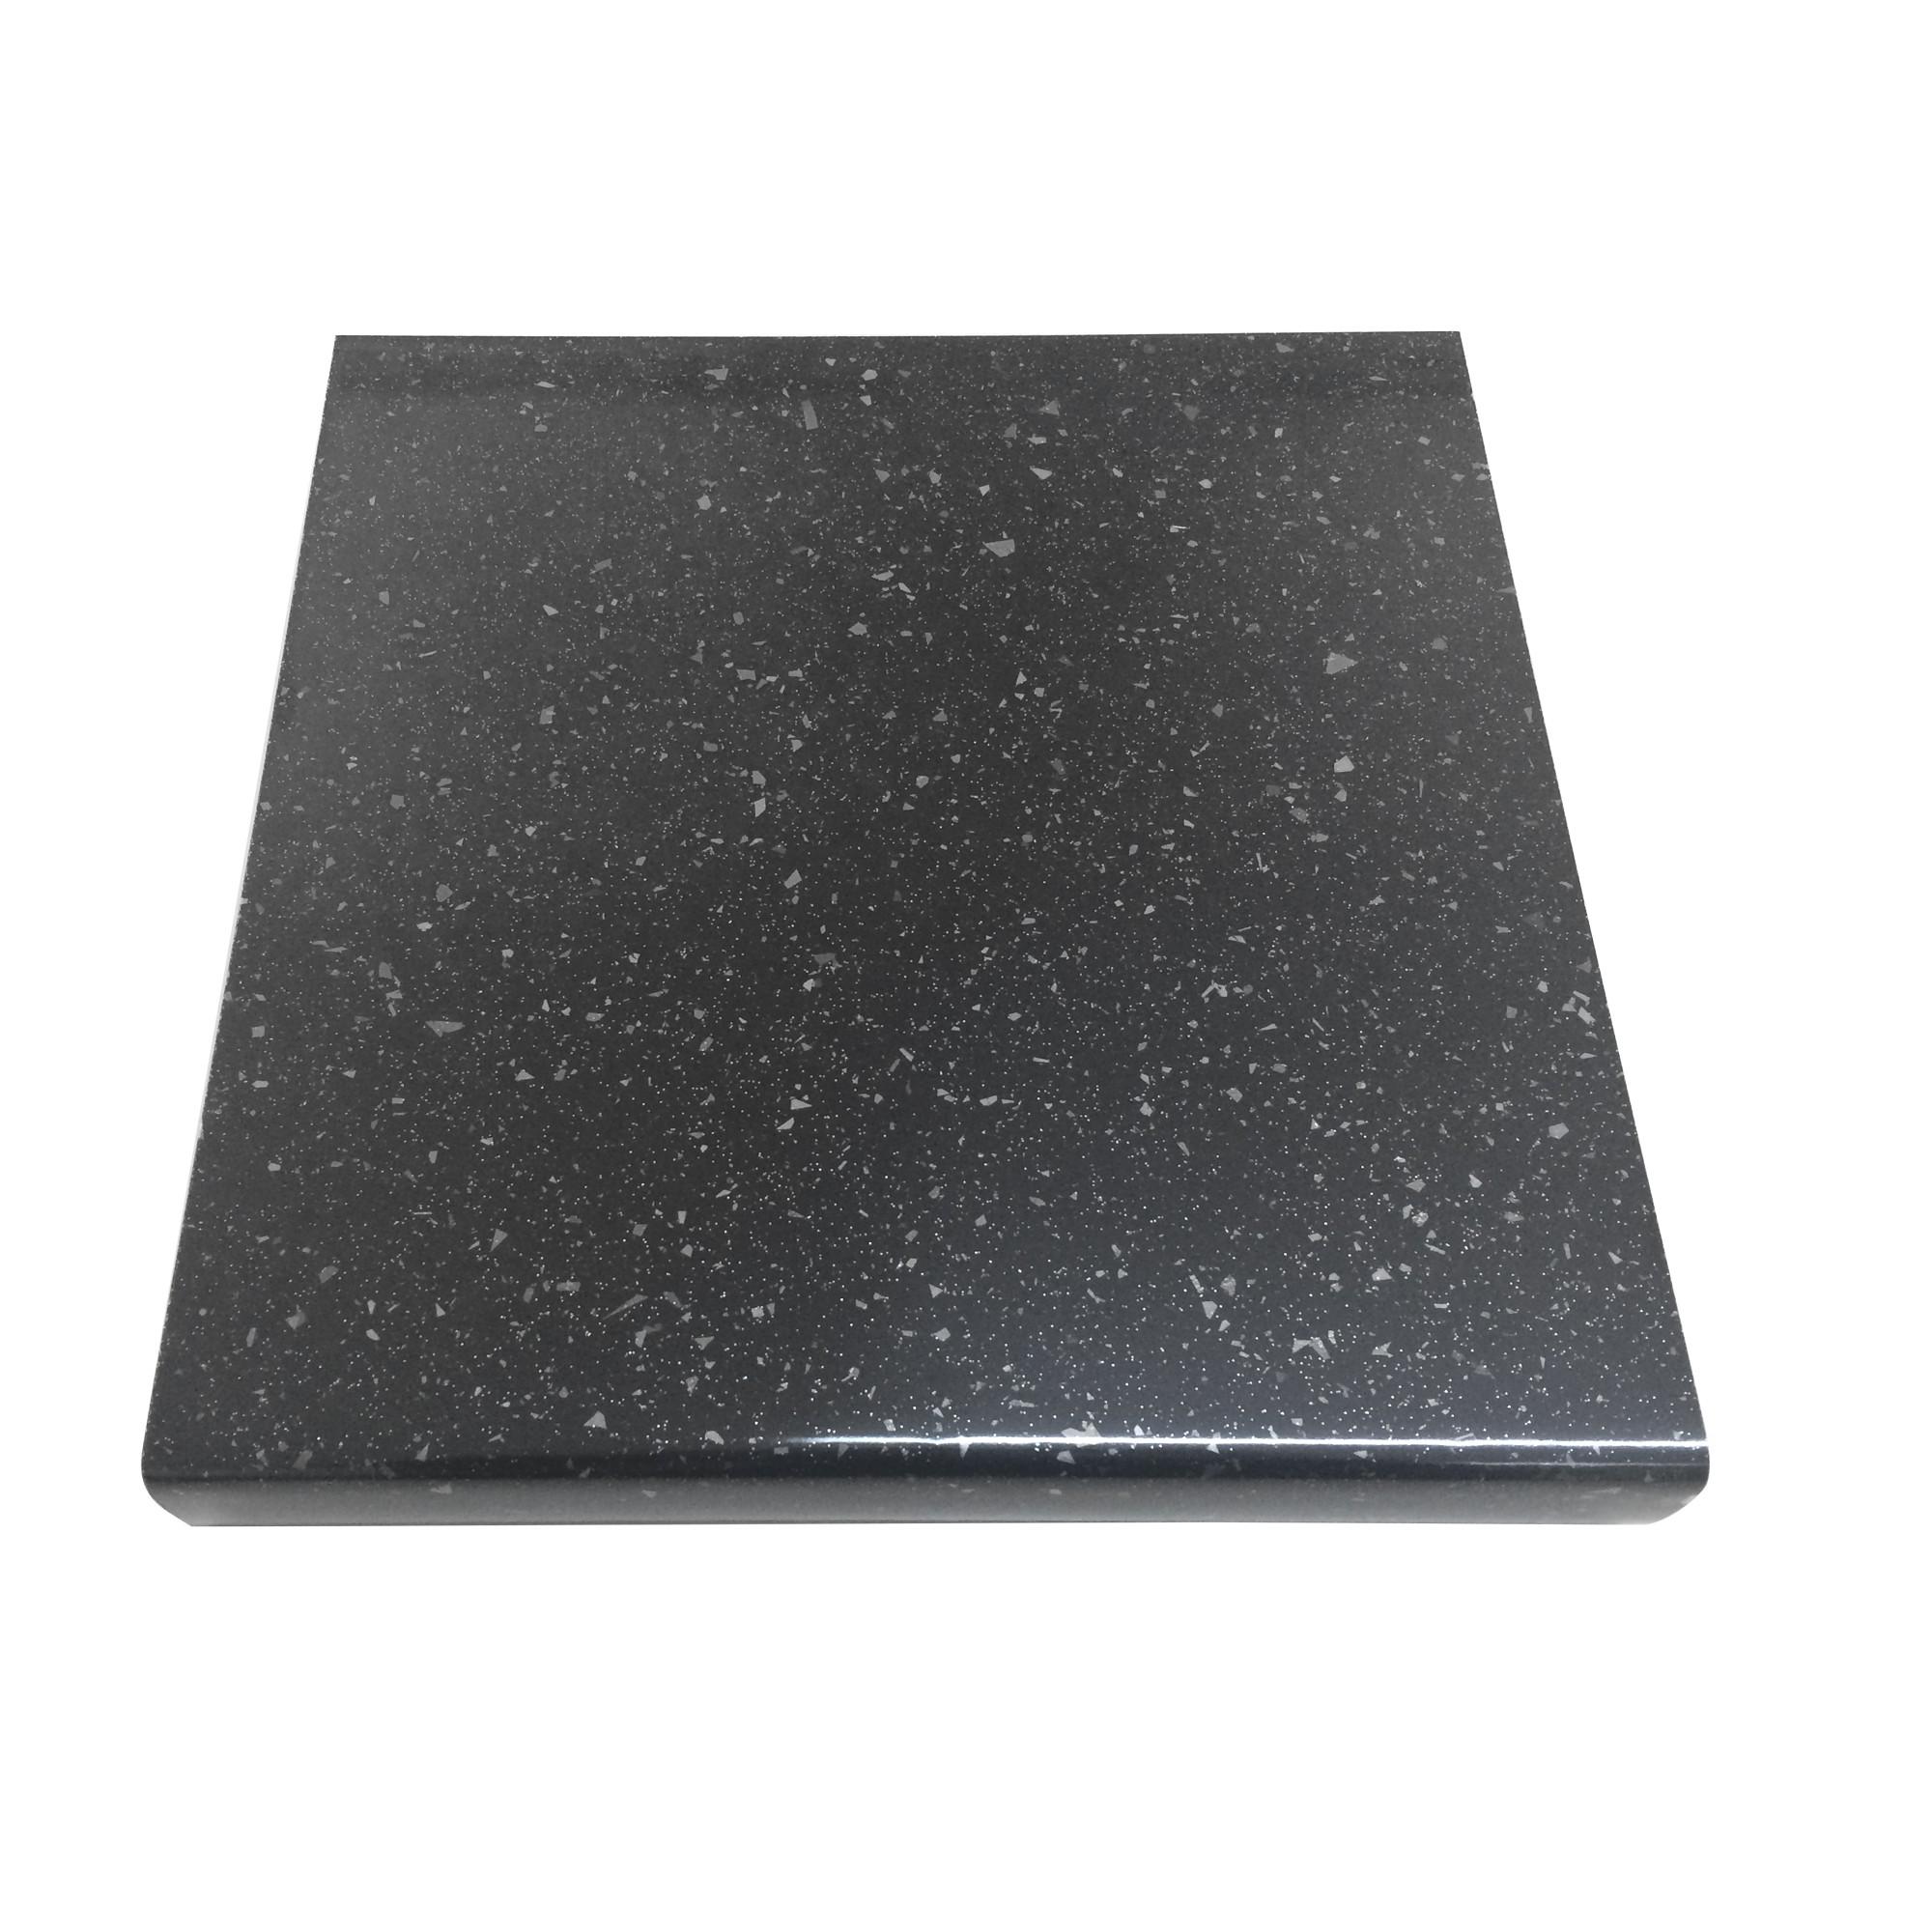 Dedeman Blat Bucatarie Martplast Galaxy Pal Finisaj Granit Negru 3 8 X 60 X 400 Cm Dedicat Planurilor Tale